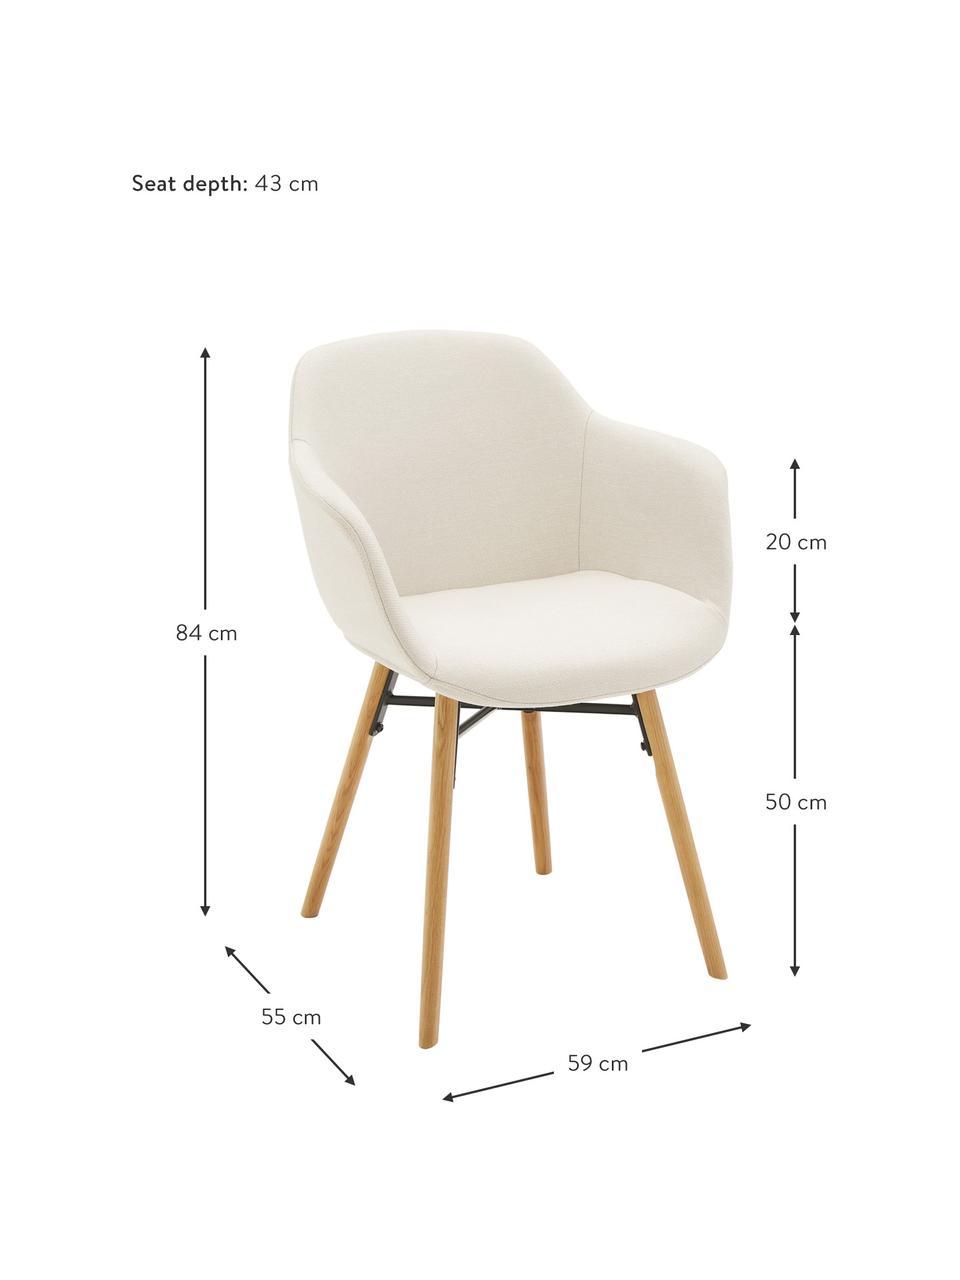 Krzesło z podłokietnikami z drewnianymi nogami Fiji, Tapicerka: poliester Dzięki tkaninie, Nogi: lite drewno dębowe, Siedzisko: kremowobiały Nogi: drewno dębowe, S 59 x G 55 cm